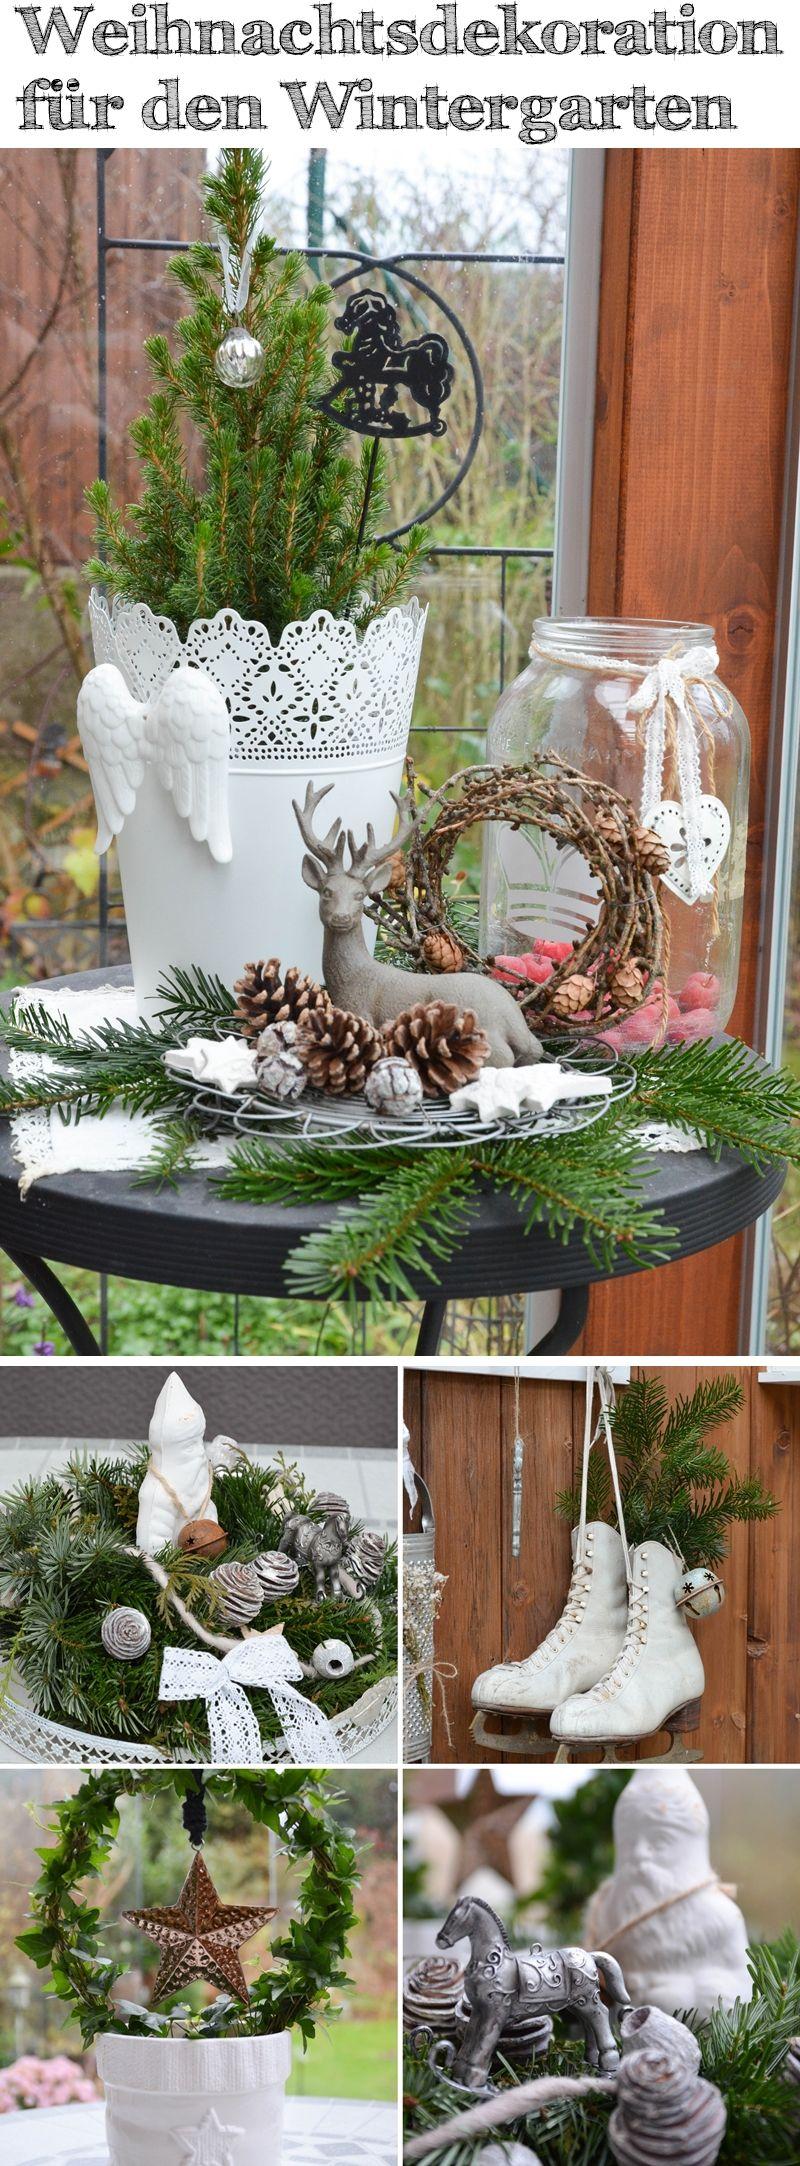 Weihnachtsdekoration für den Wintergarten #weihnachten #weihnachtsdeko #wintergarten #naturmaterialien #weihnachtsbastelnnaturmaterialien